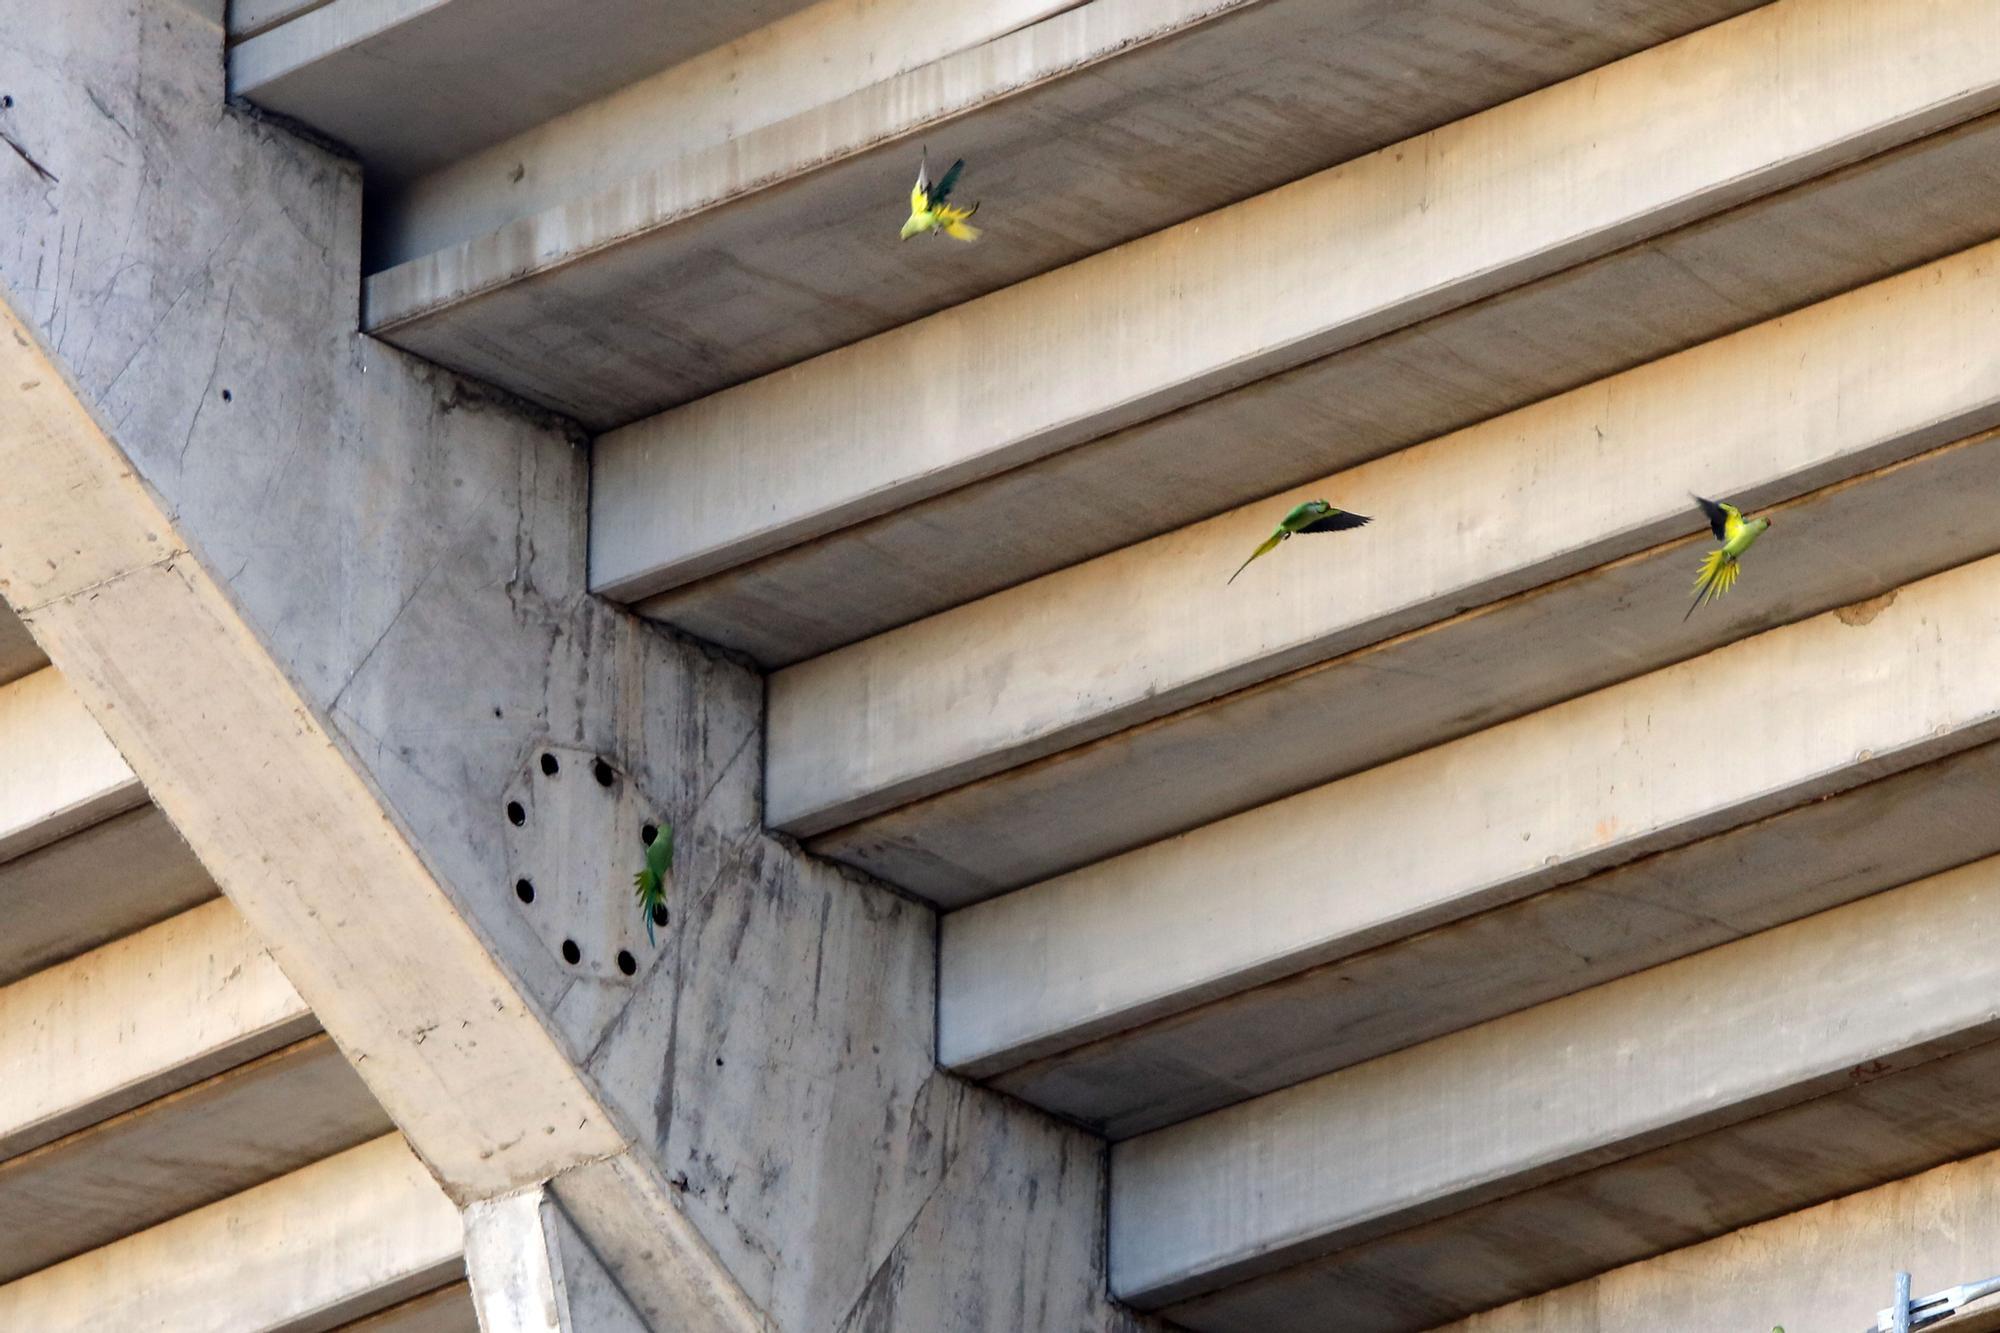 Así está el nuevo Mestalla: Degradación y óxido